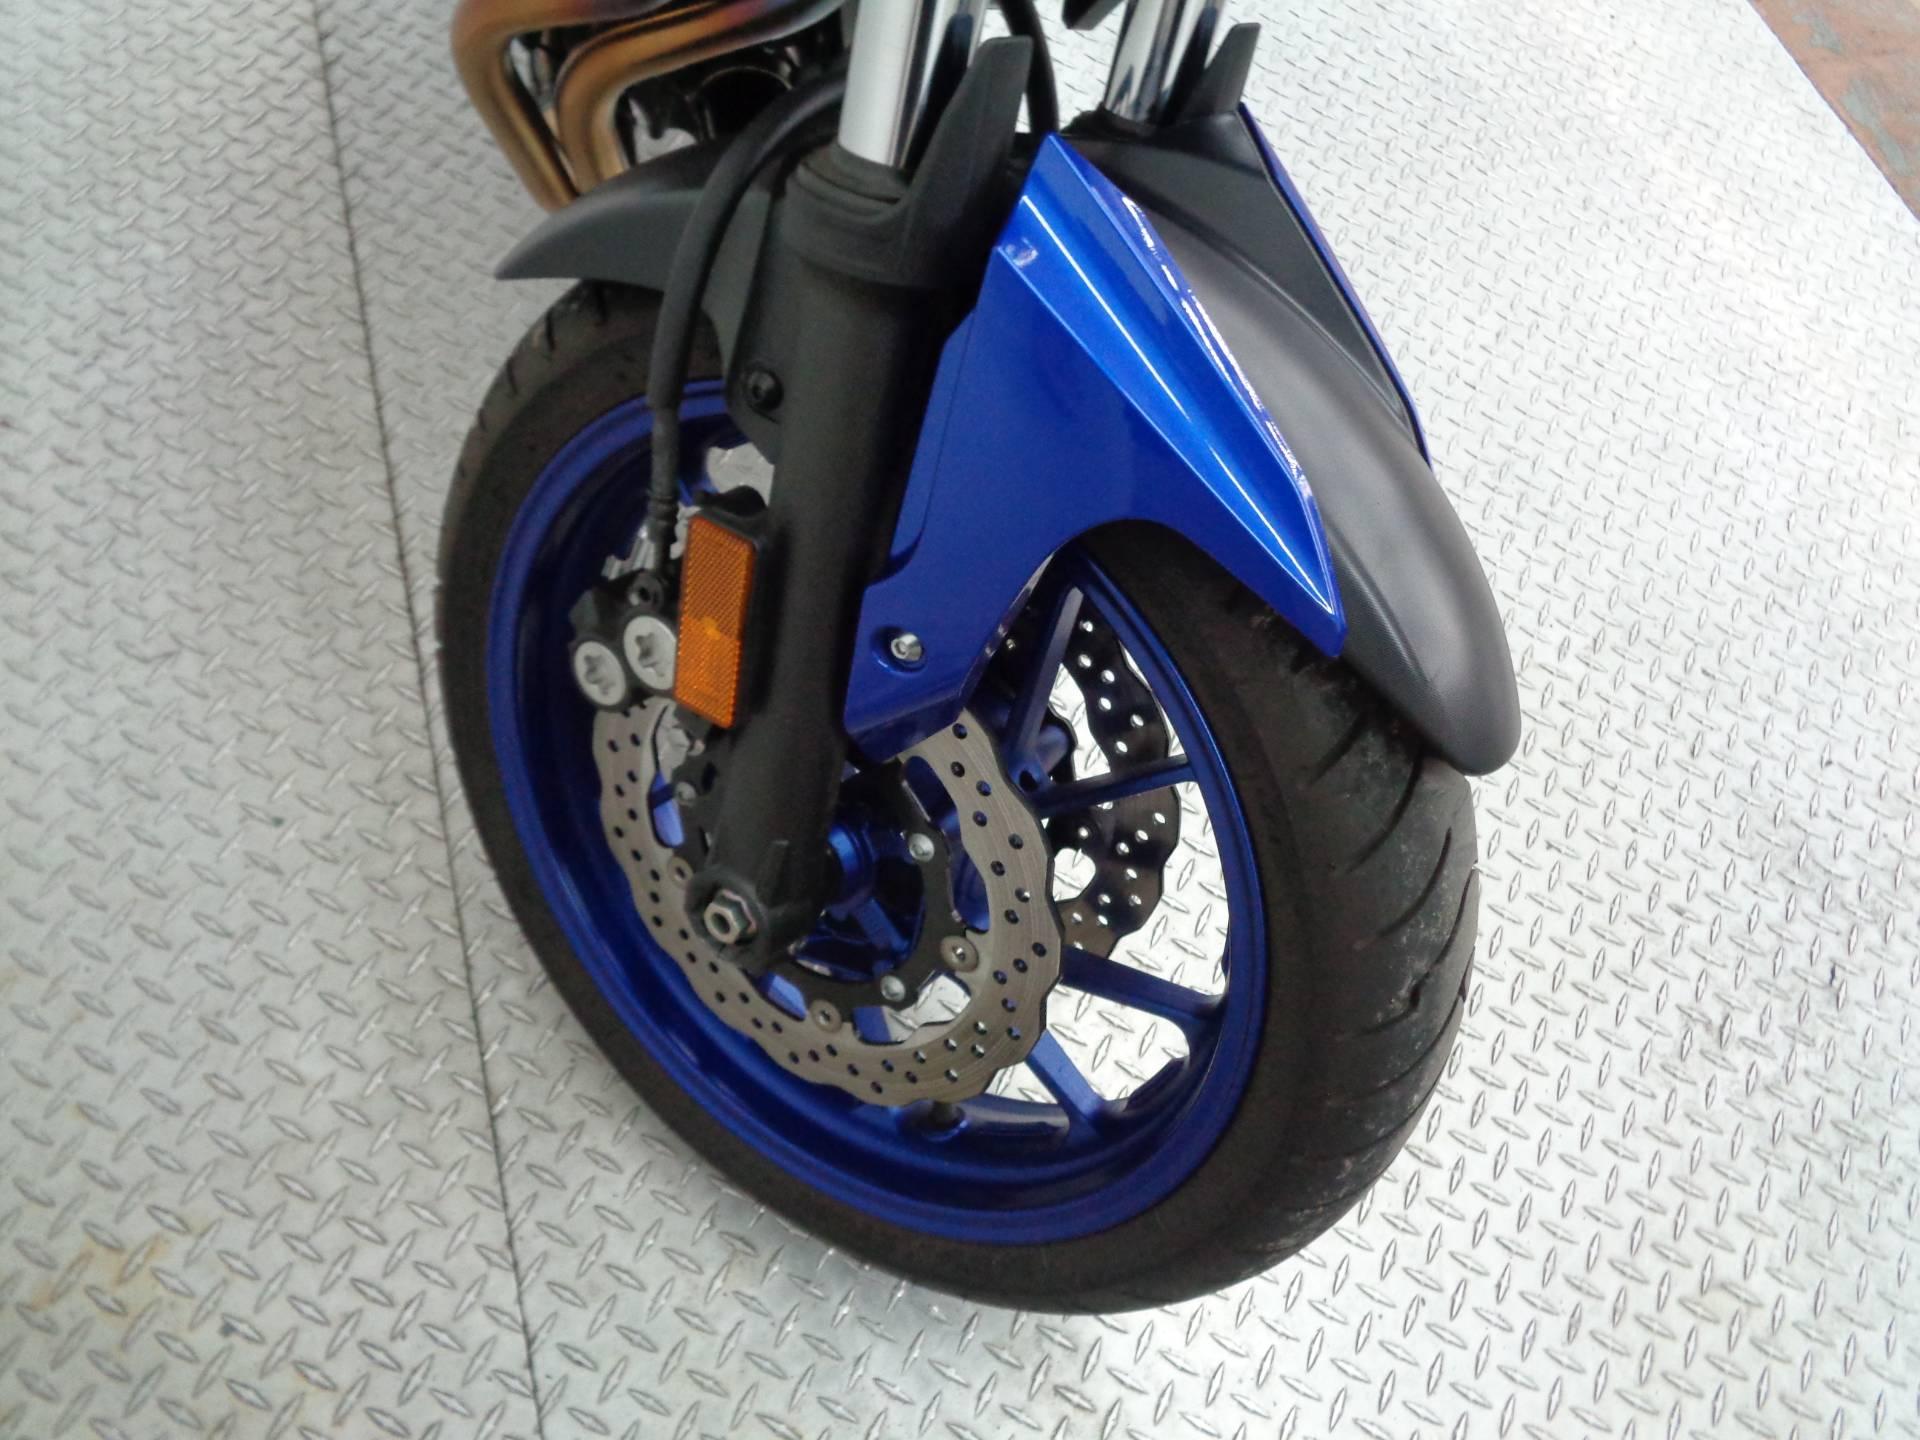 2016 Yamaha FZ-07 11